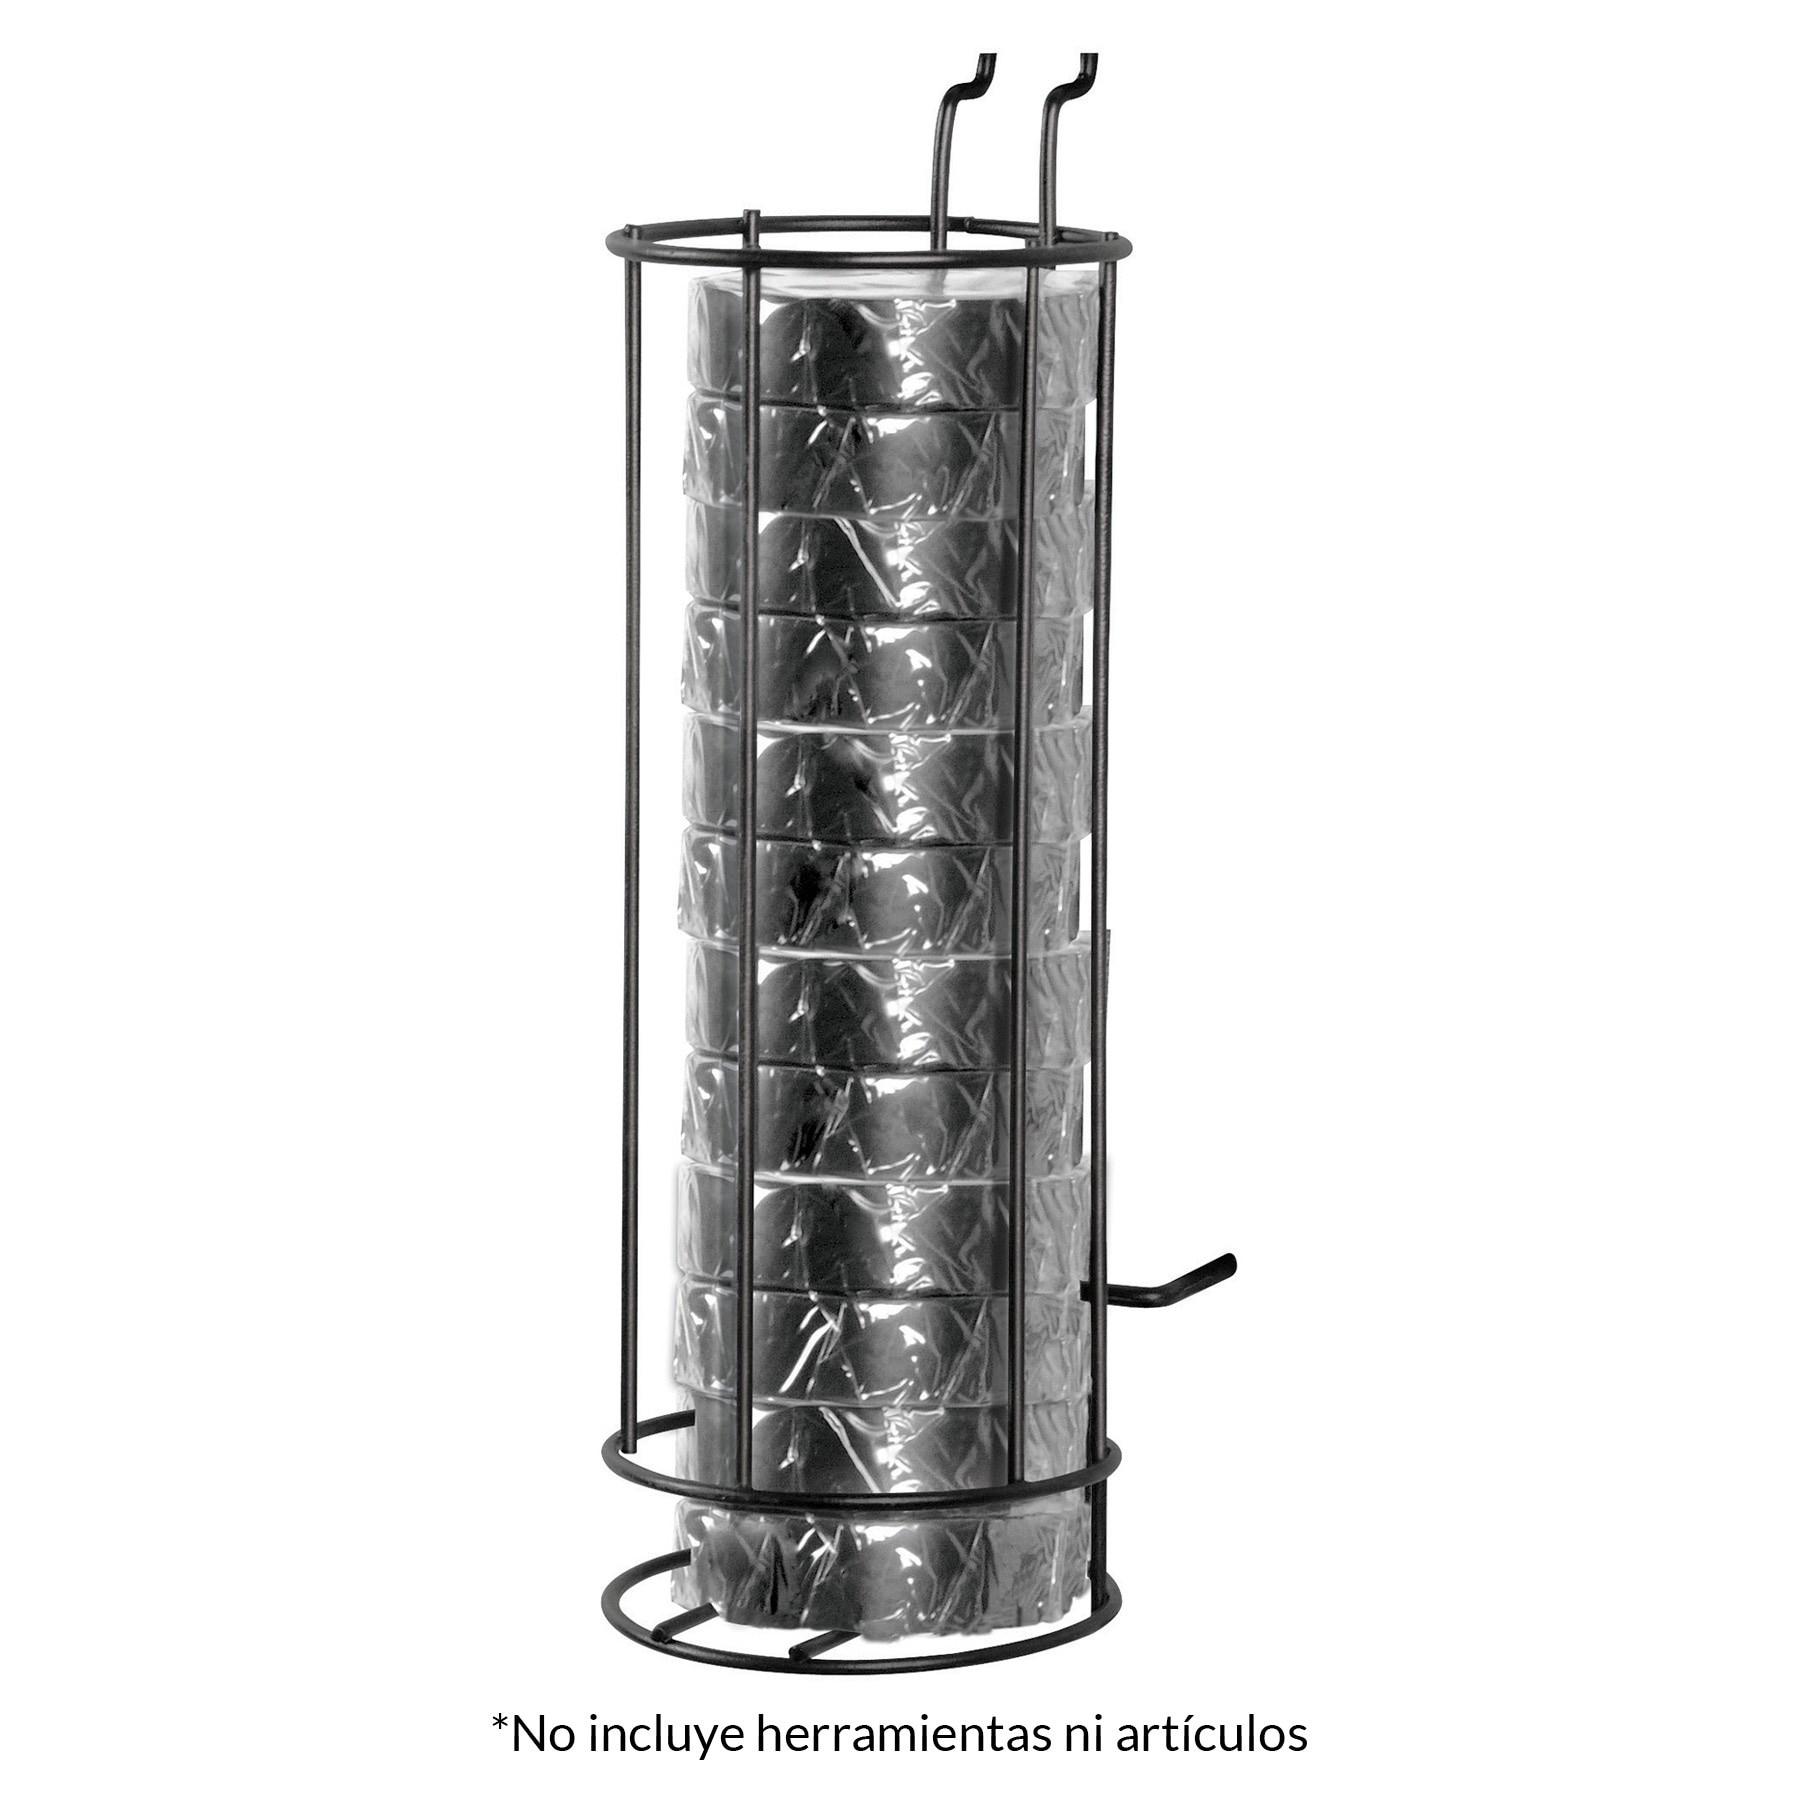 Rack con cintas de aislar